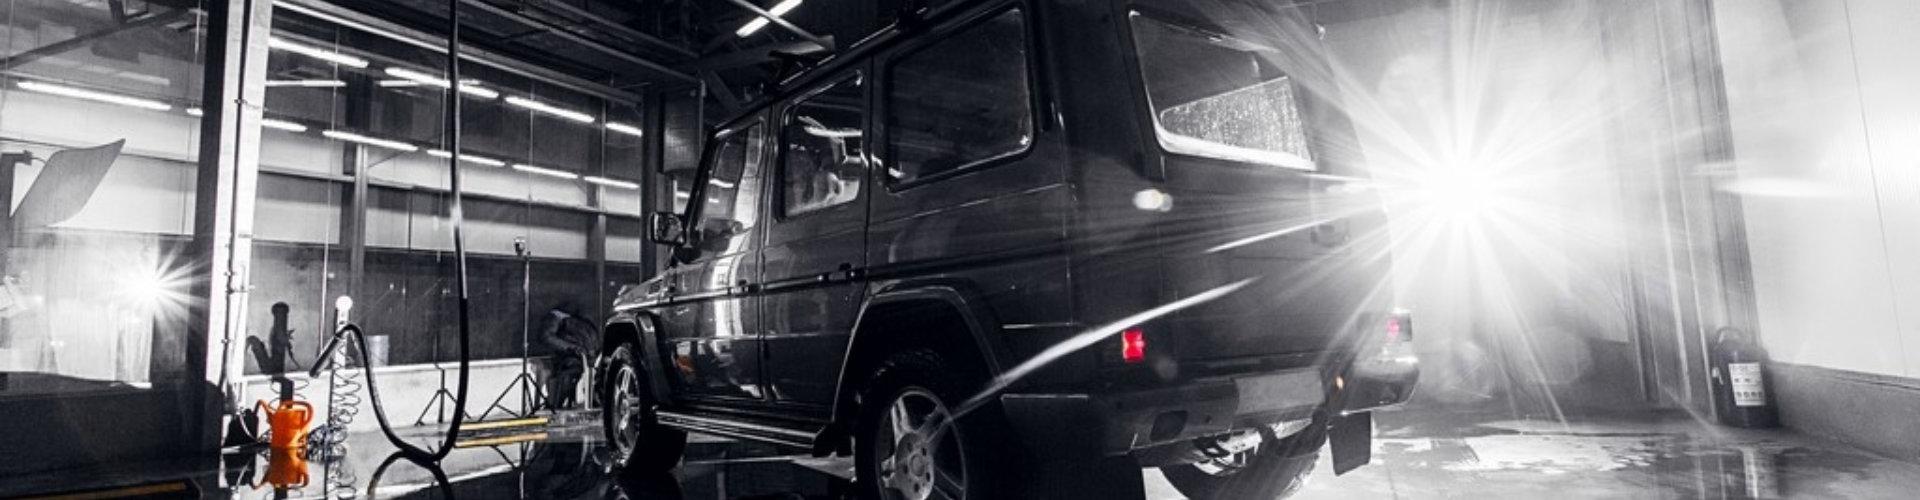 black SUV at the shop